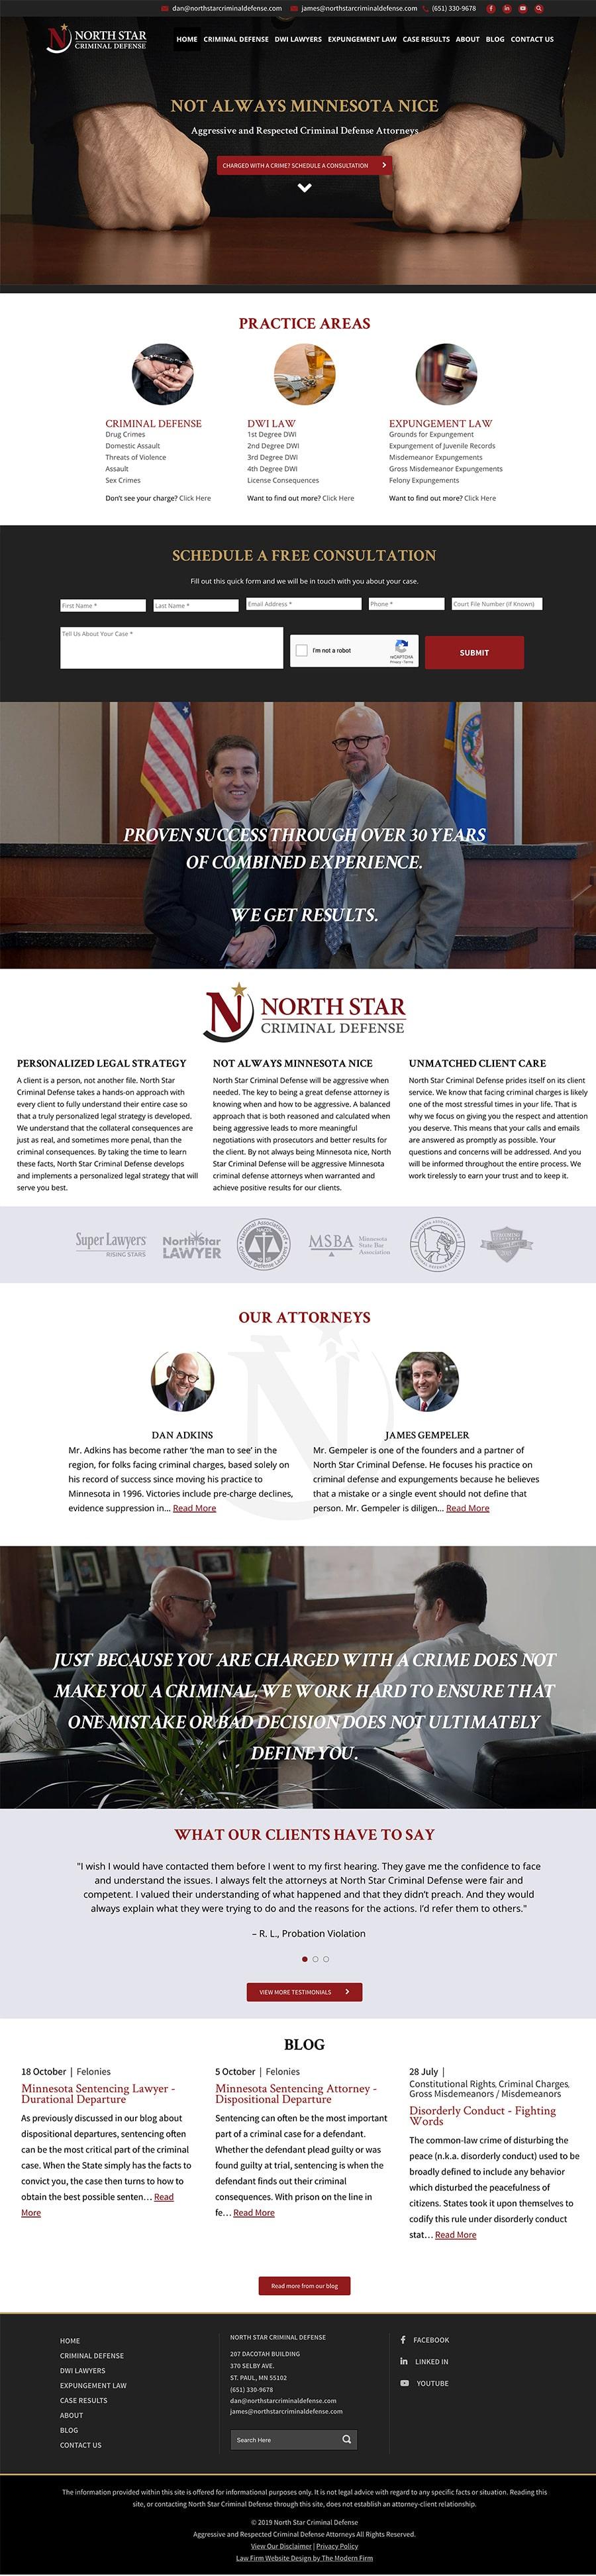 Law Firm Website Design for North Star Criminal Defense